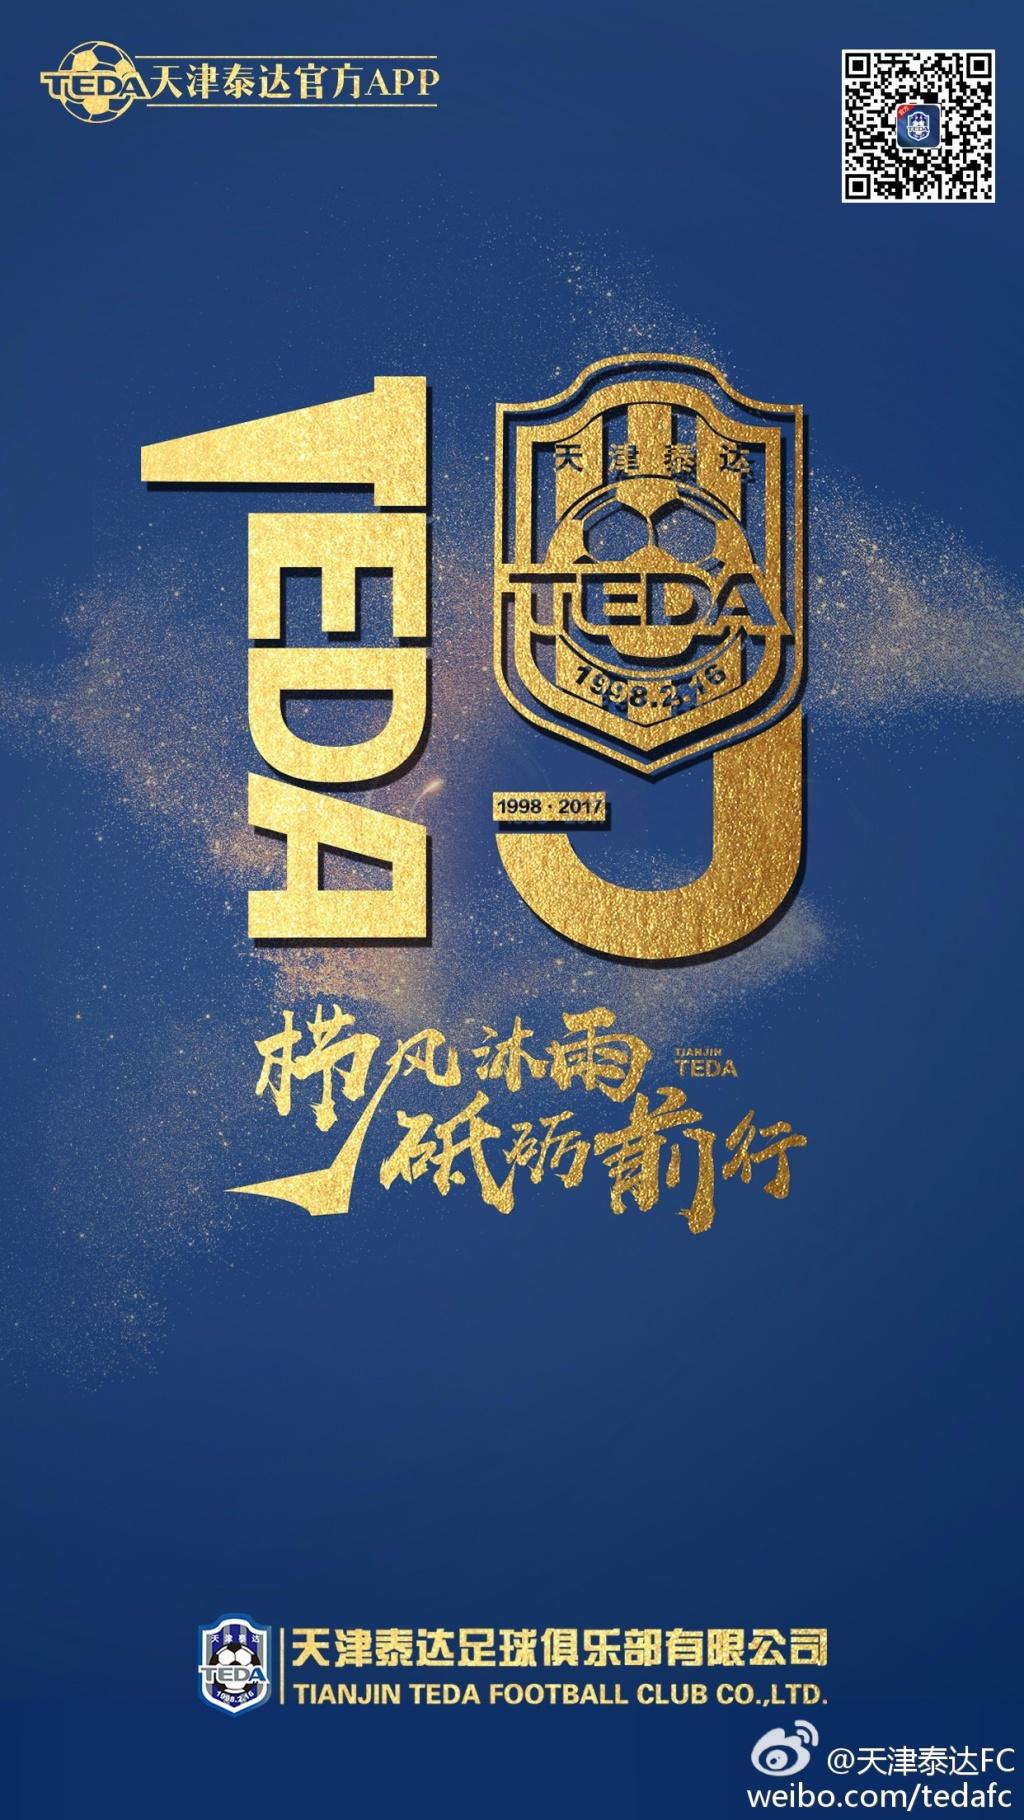 19年风雨路,天津泰达视频庆祝俱乐部19岁生日